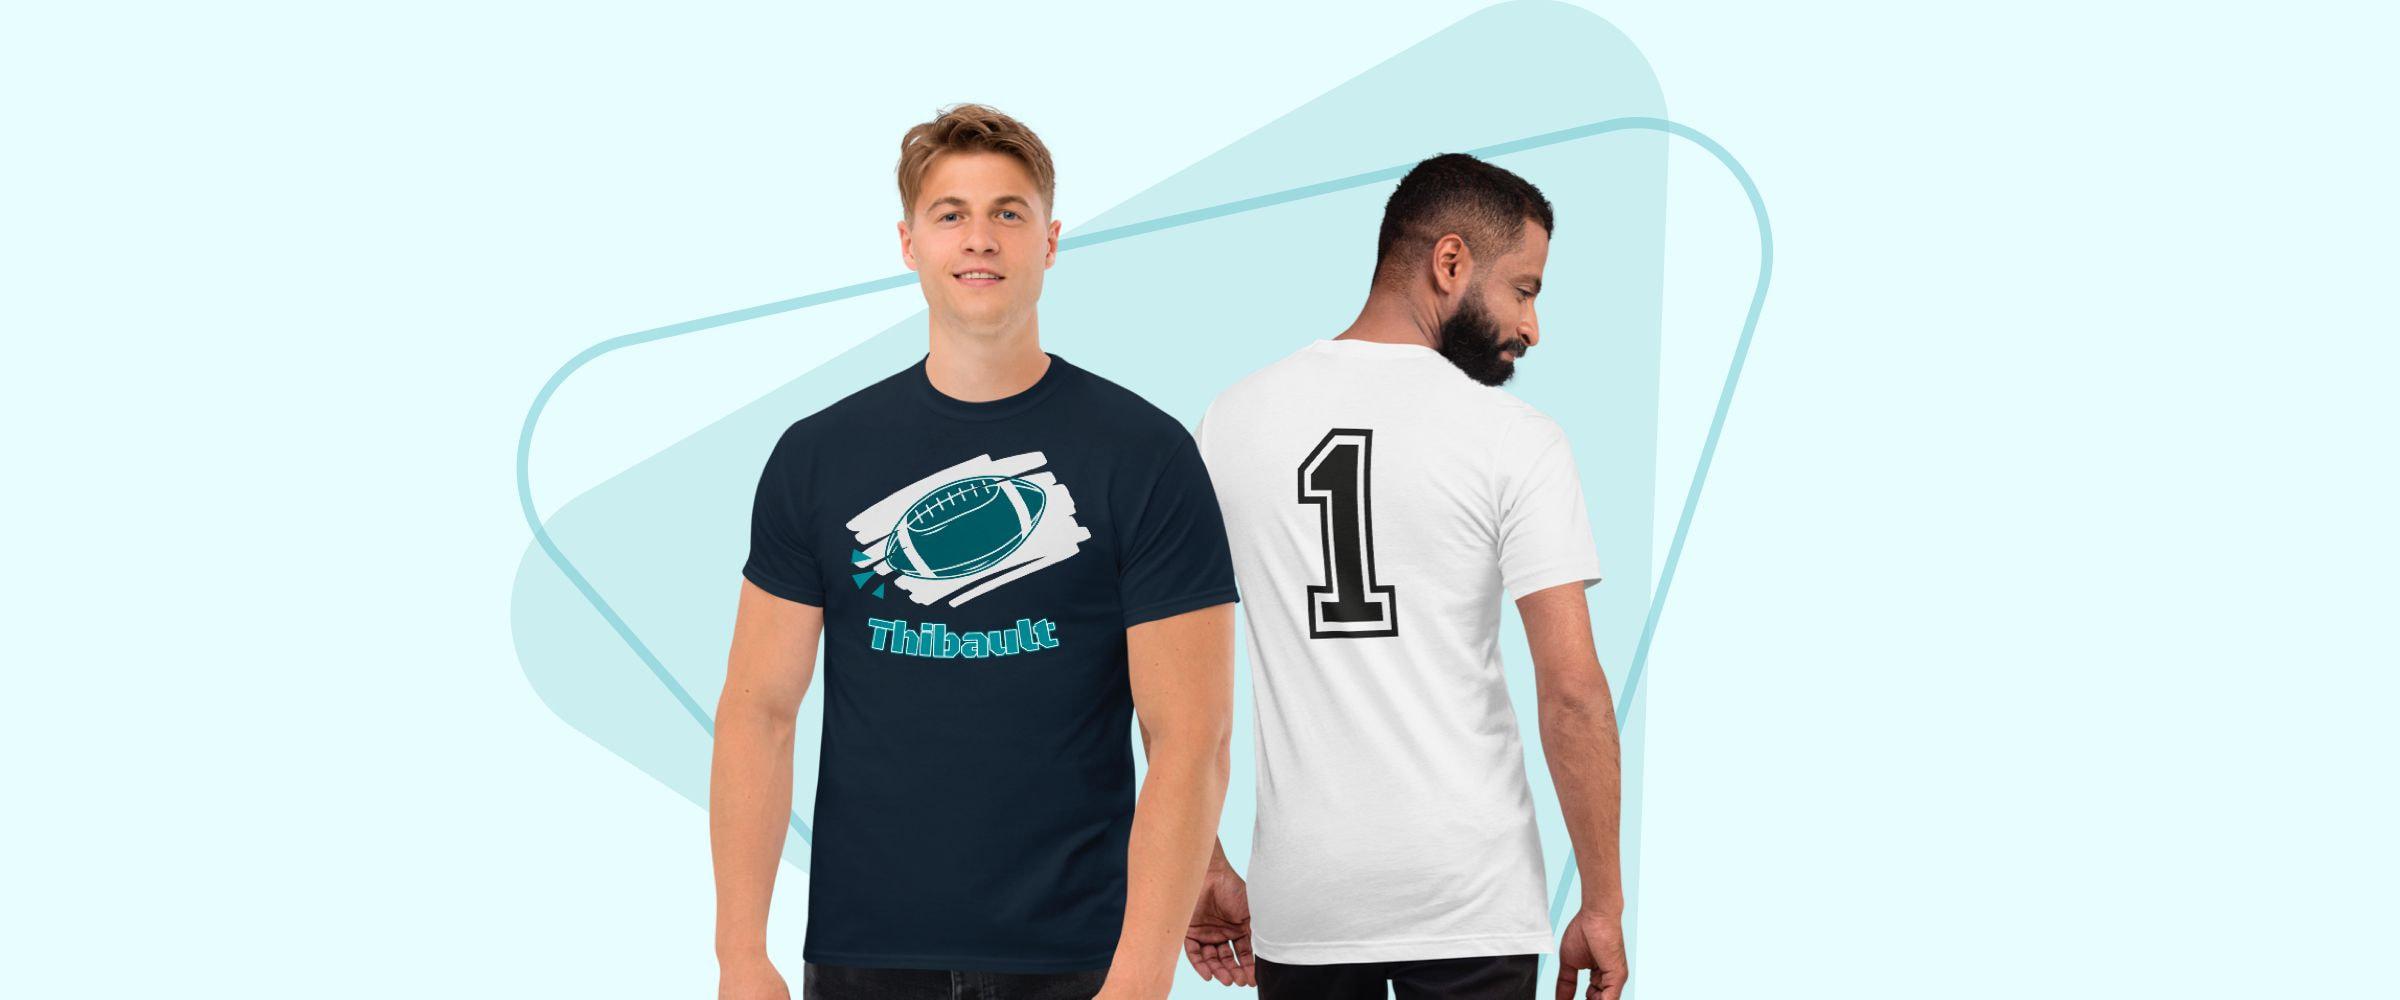 créer un maillot personnalisé